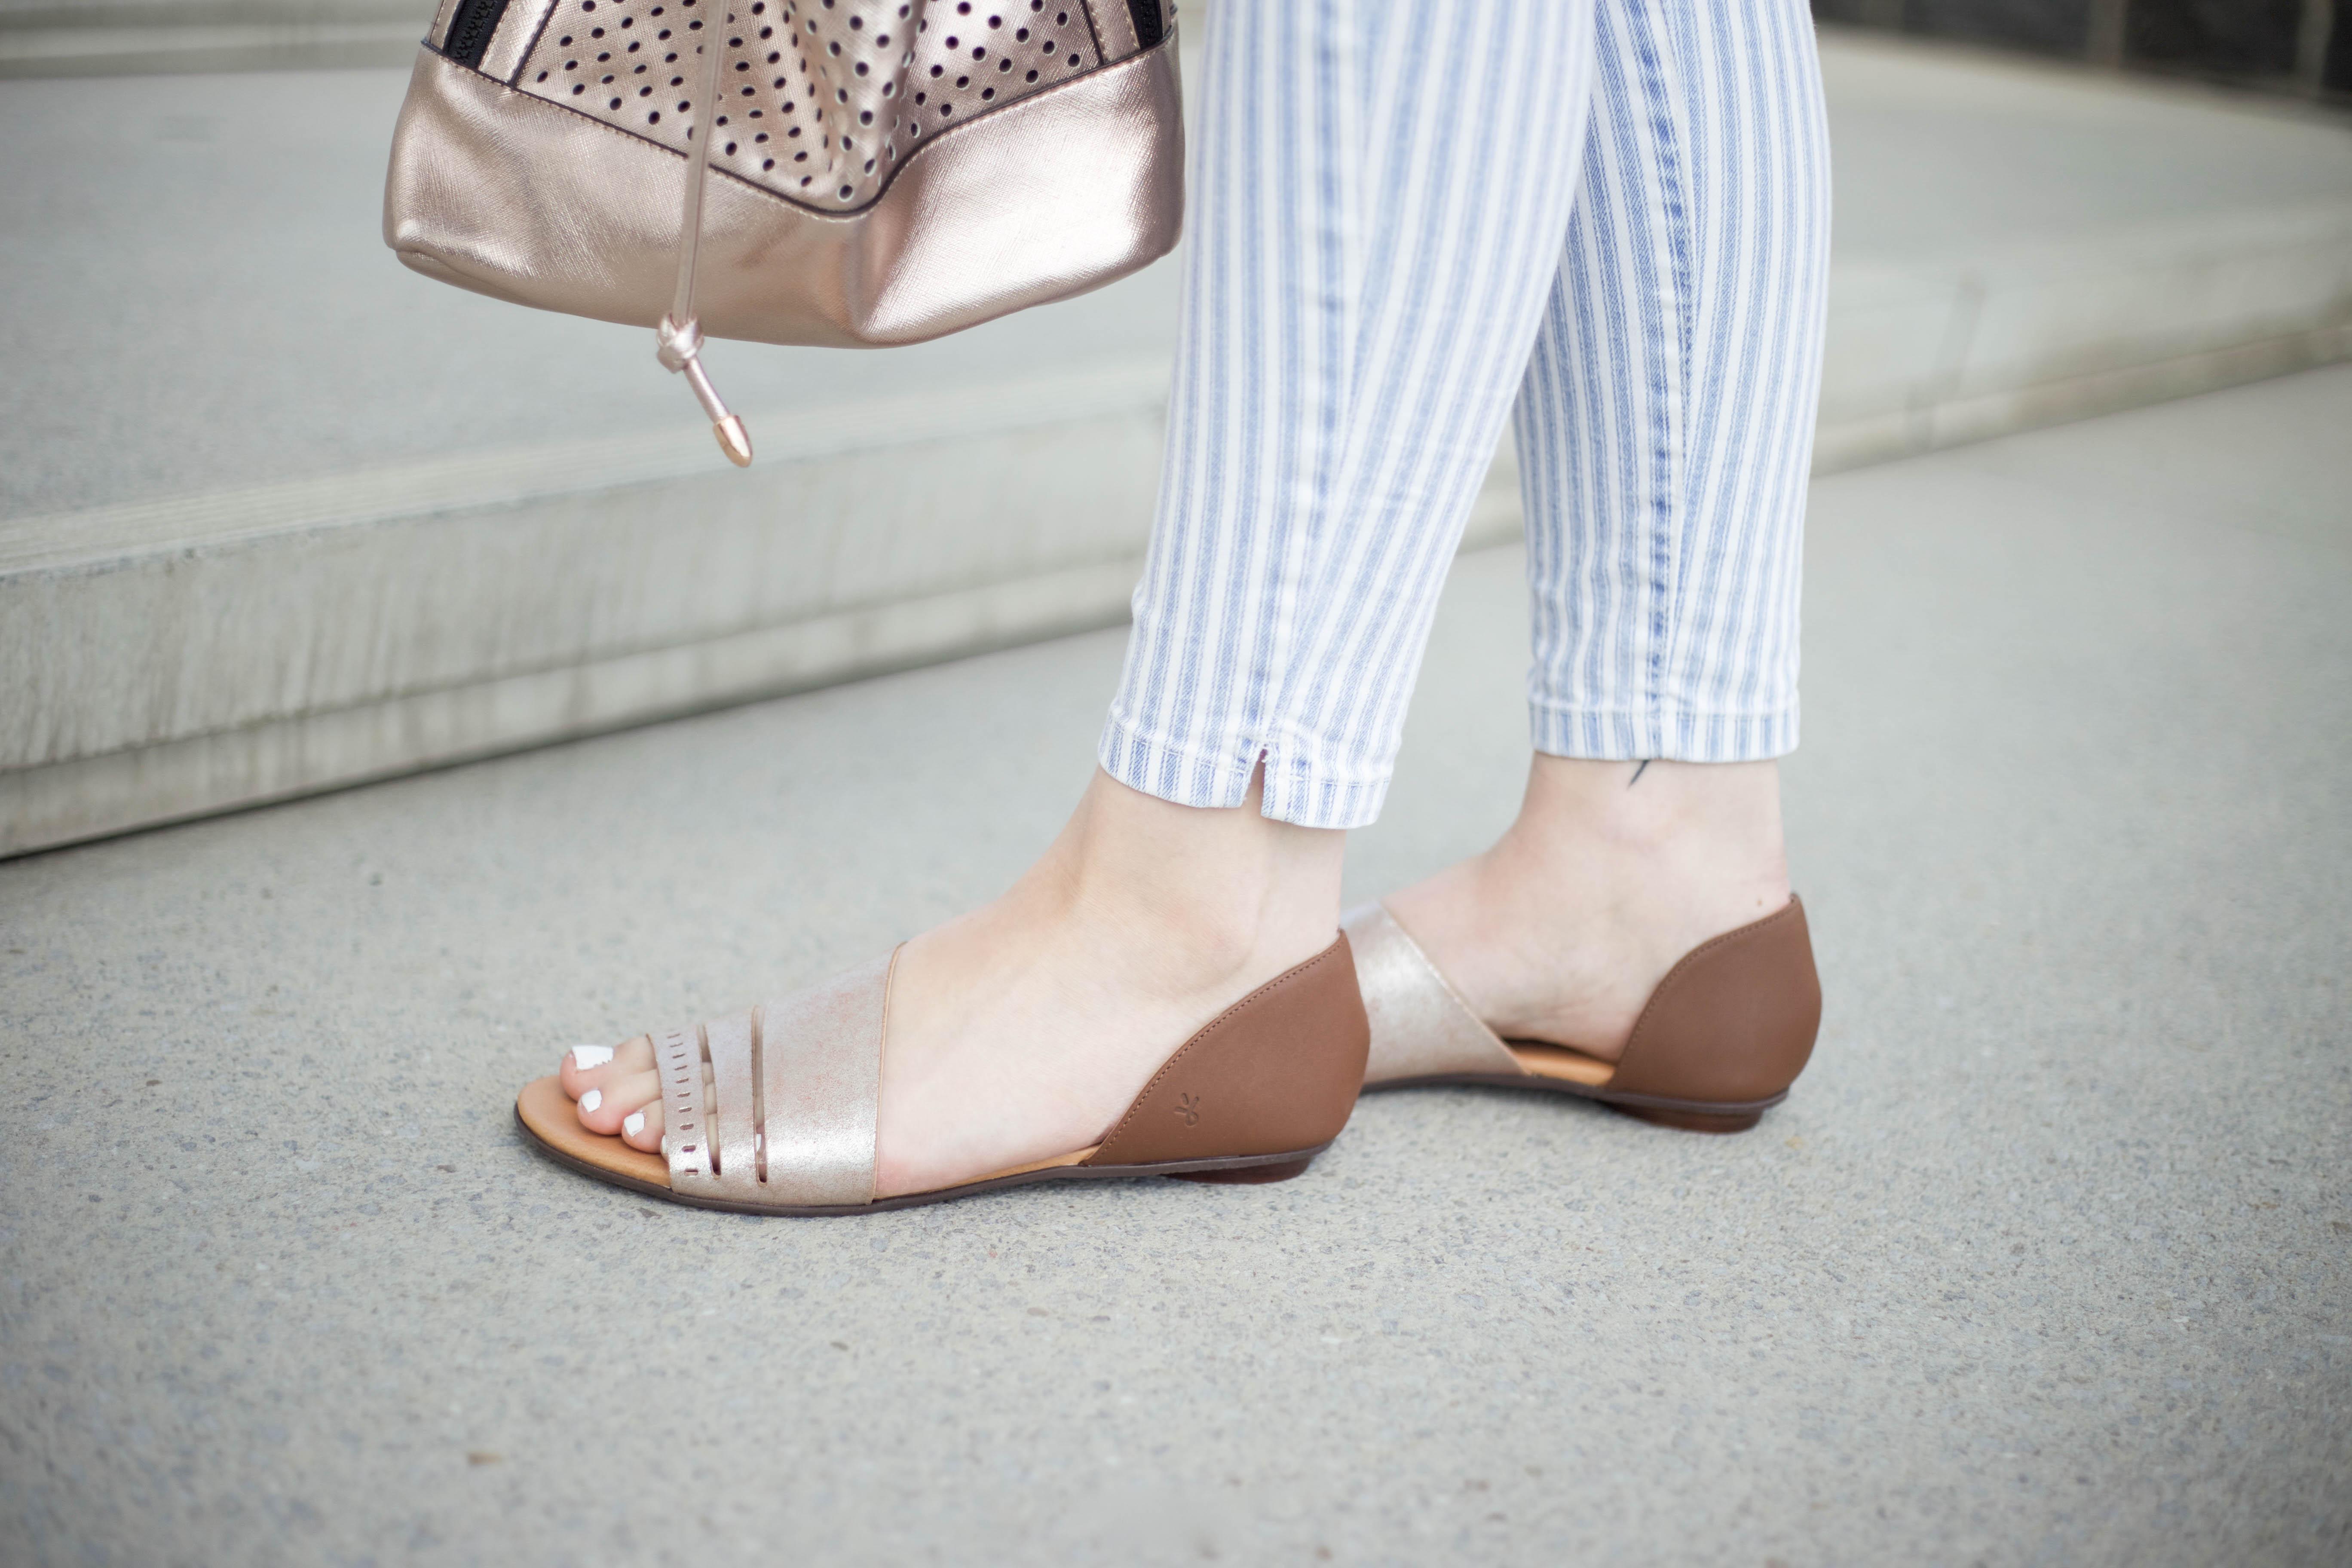 striped-jeans-helle-farben-kölnbloggt-frühlingsoutfit-modeblog_5824